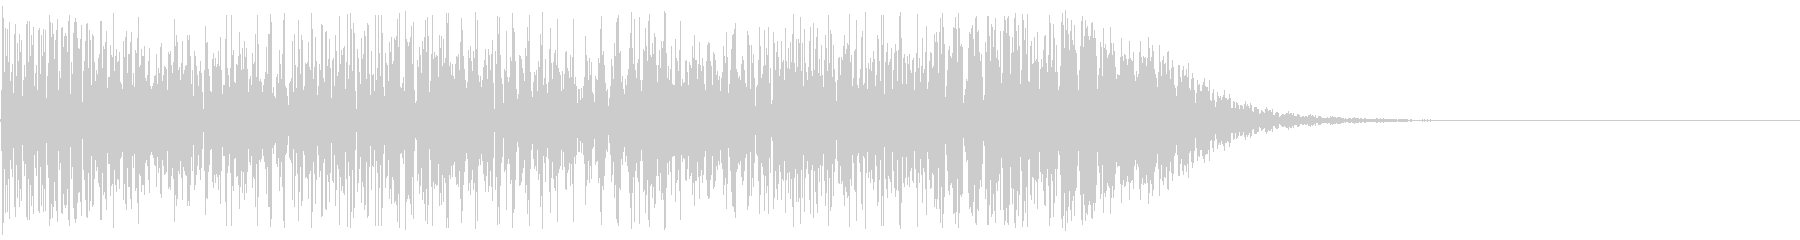 高速なビームが通り過ぎる音の未再生の波形